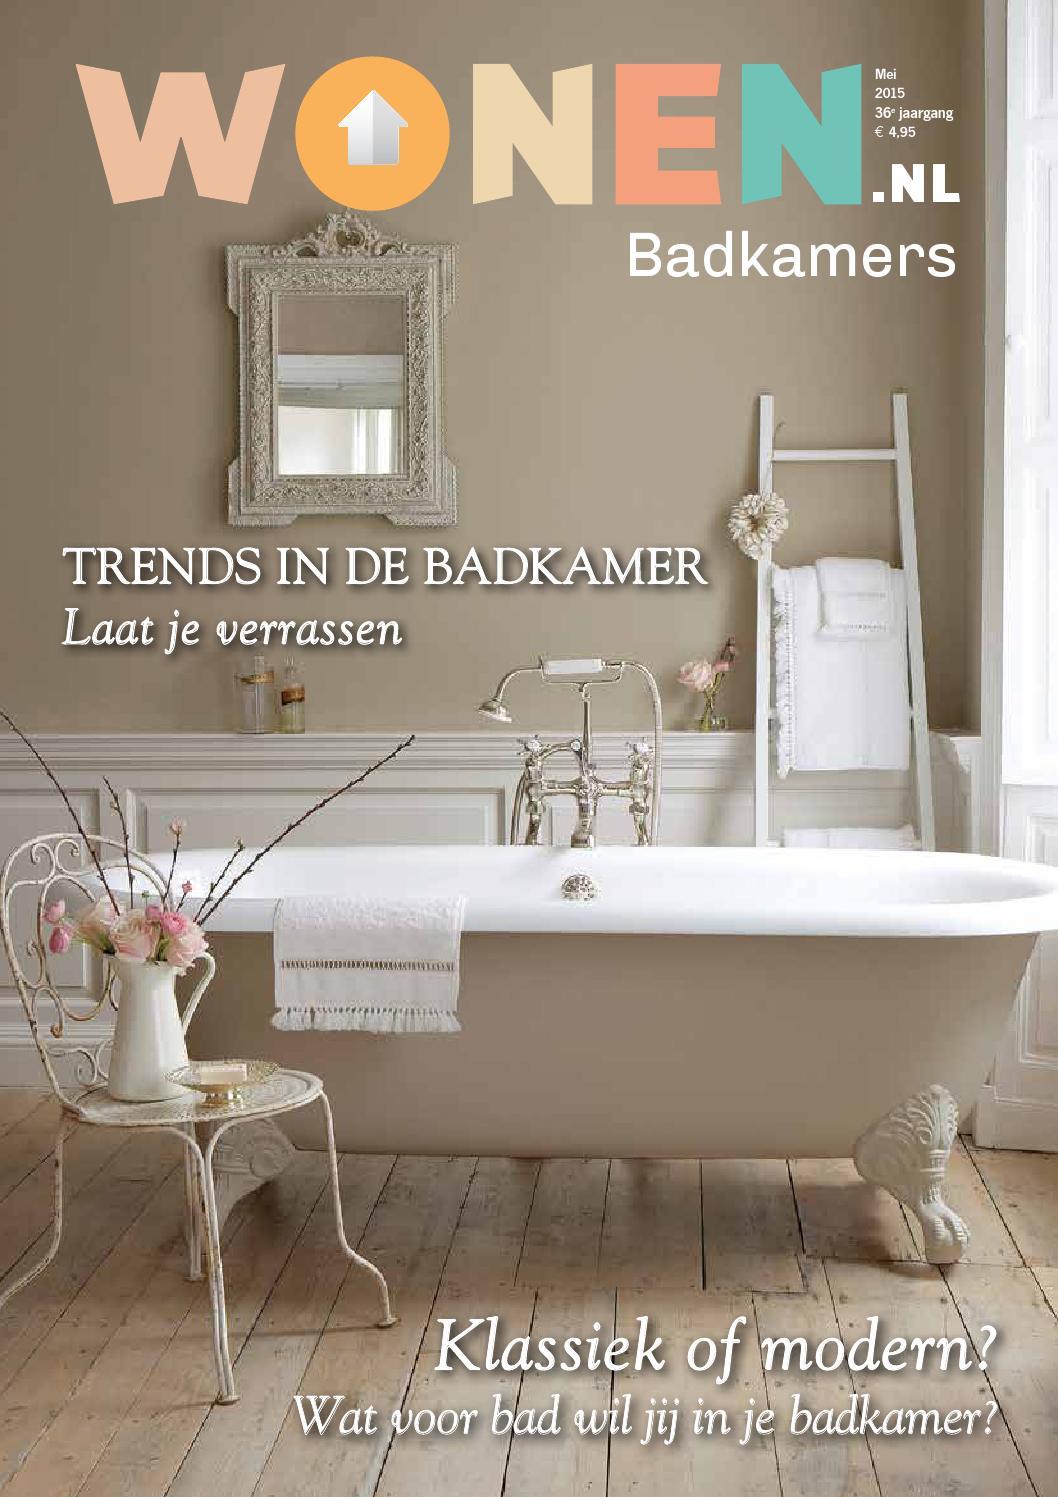 Badkamers by wonen media issuu - Outs badkamer m ...